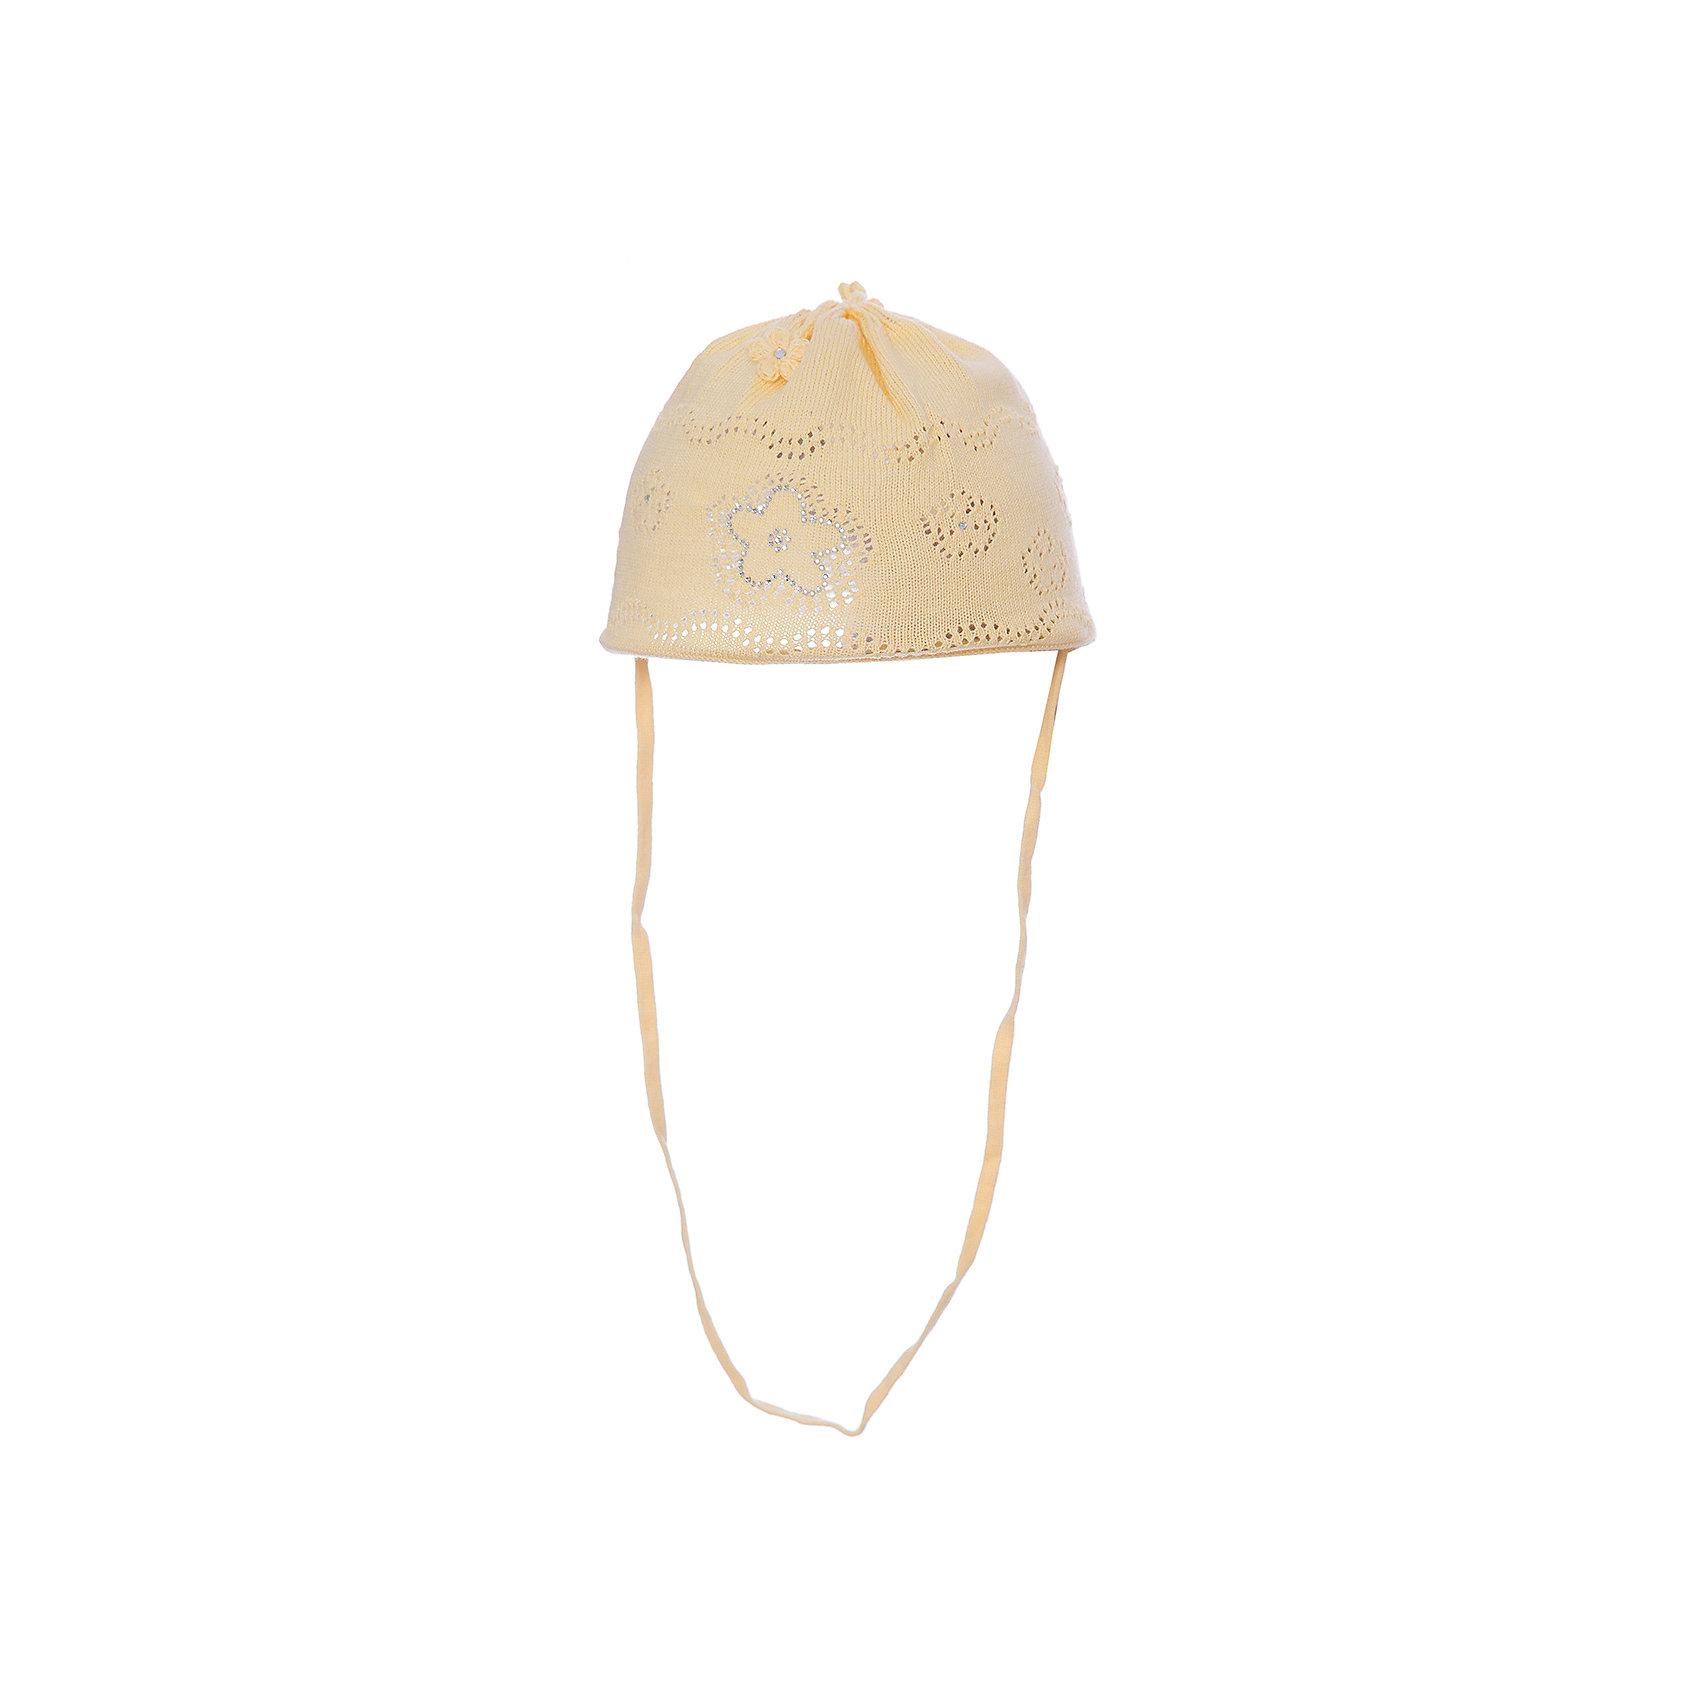 Шапка для девочки АртельШапочки<br>Шапка для девочки от торговой марки Артель <br><br>Хлопковая шапка для самых маленьких отлично смотрится на детях и комфортно сидит. Эта модель создана специально для девочек. Изделие выполнено из качественных материалов.<br>Одежда от бренда Артель – это высокое качество по приемлемой цене и всегда продуманный дизайн. <br><br>Особенности модели: <br>- цвет — желтый; <br>- украшена объемными текстильными цветами и блестящими элементами; <br>- завязки внизу; <br>- натуральный хлопок. <br><br>Дополнительная информация: <br><br>Состав: 100% хлопок.<br><br>Шапку для девочки Артель (Artel) можно купить в нашем магазине.<br><br>Ширина мм: 89<br>Глубина мм: 117<br>Высота мм: 44<br>Вес г: 155<br>Цвет: желтый<br>Возраст от месяцев: 3<br>Возраст до месяцев: 4<br>Пол: Женский<br>Возраст: Детский<br>Размер: 42,36,46,44,40,38<br>SKU: 4500417